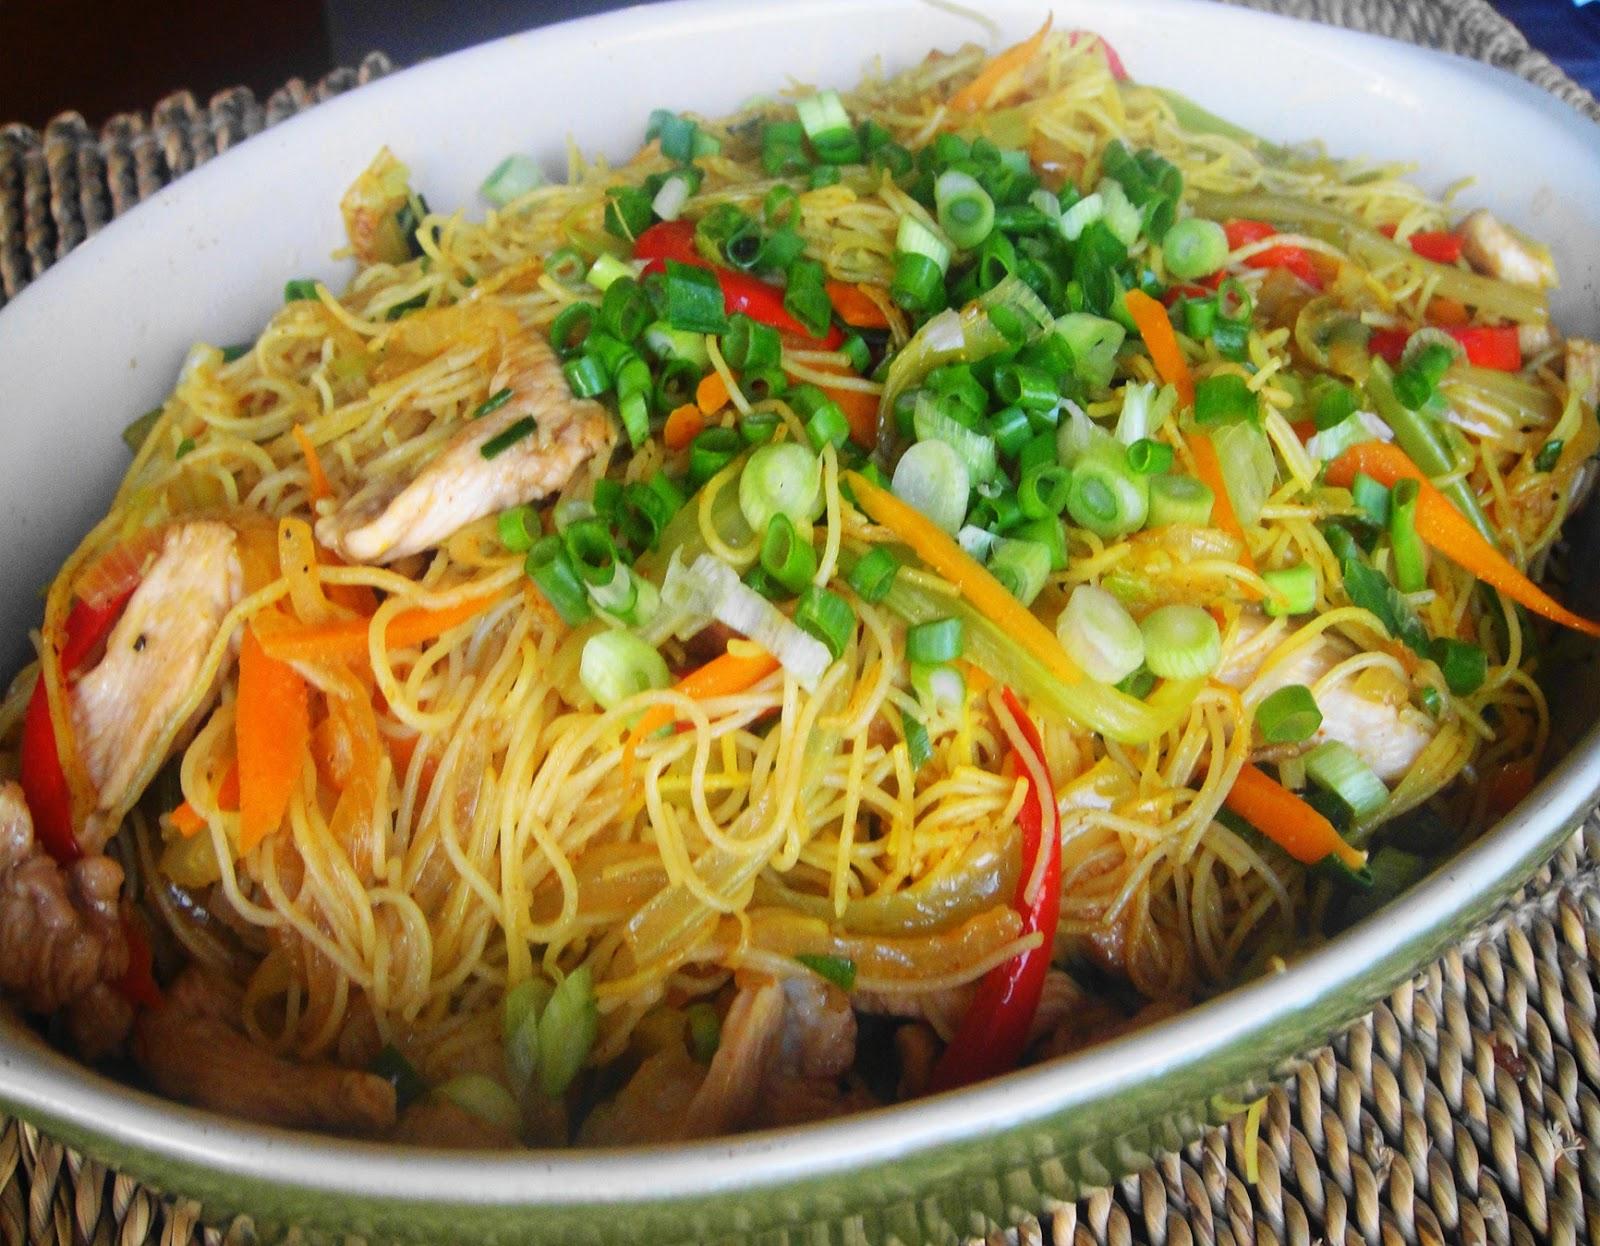 ... cake dan dan noodles garlic noodles sesame noodles singapore noodles